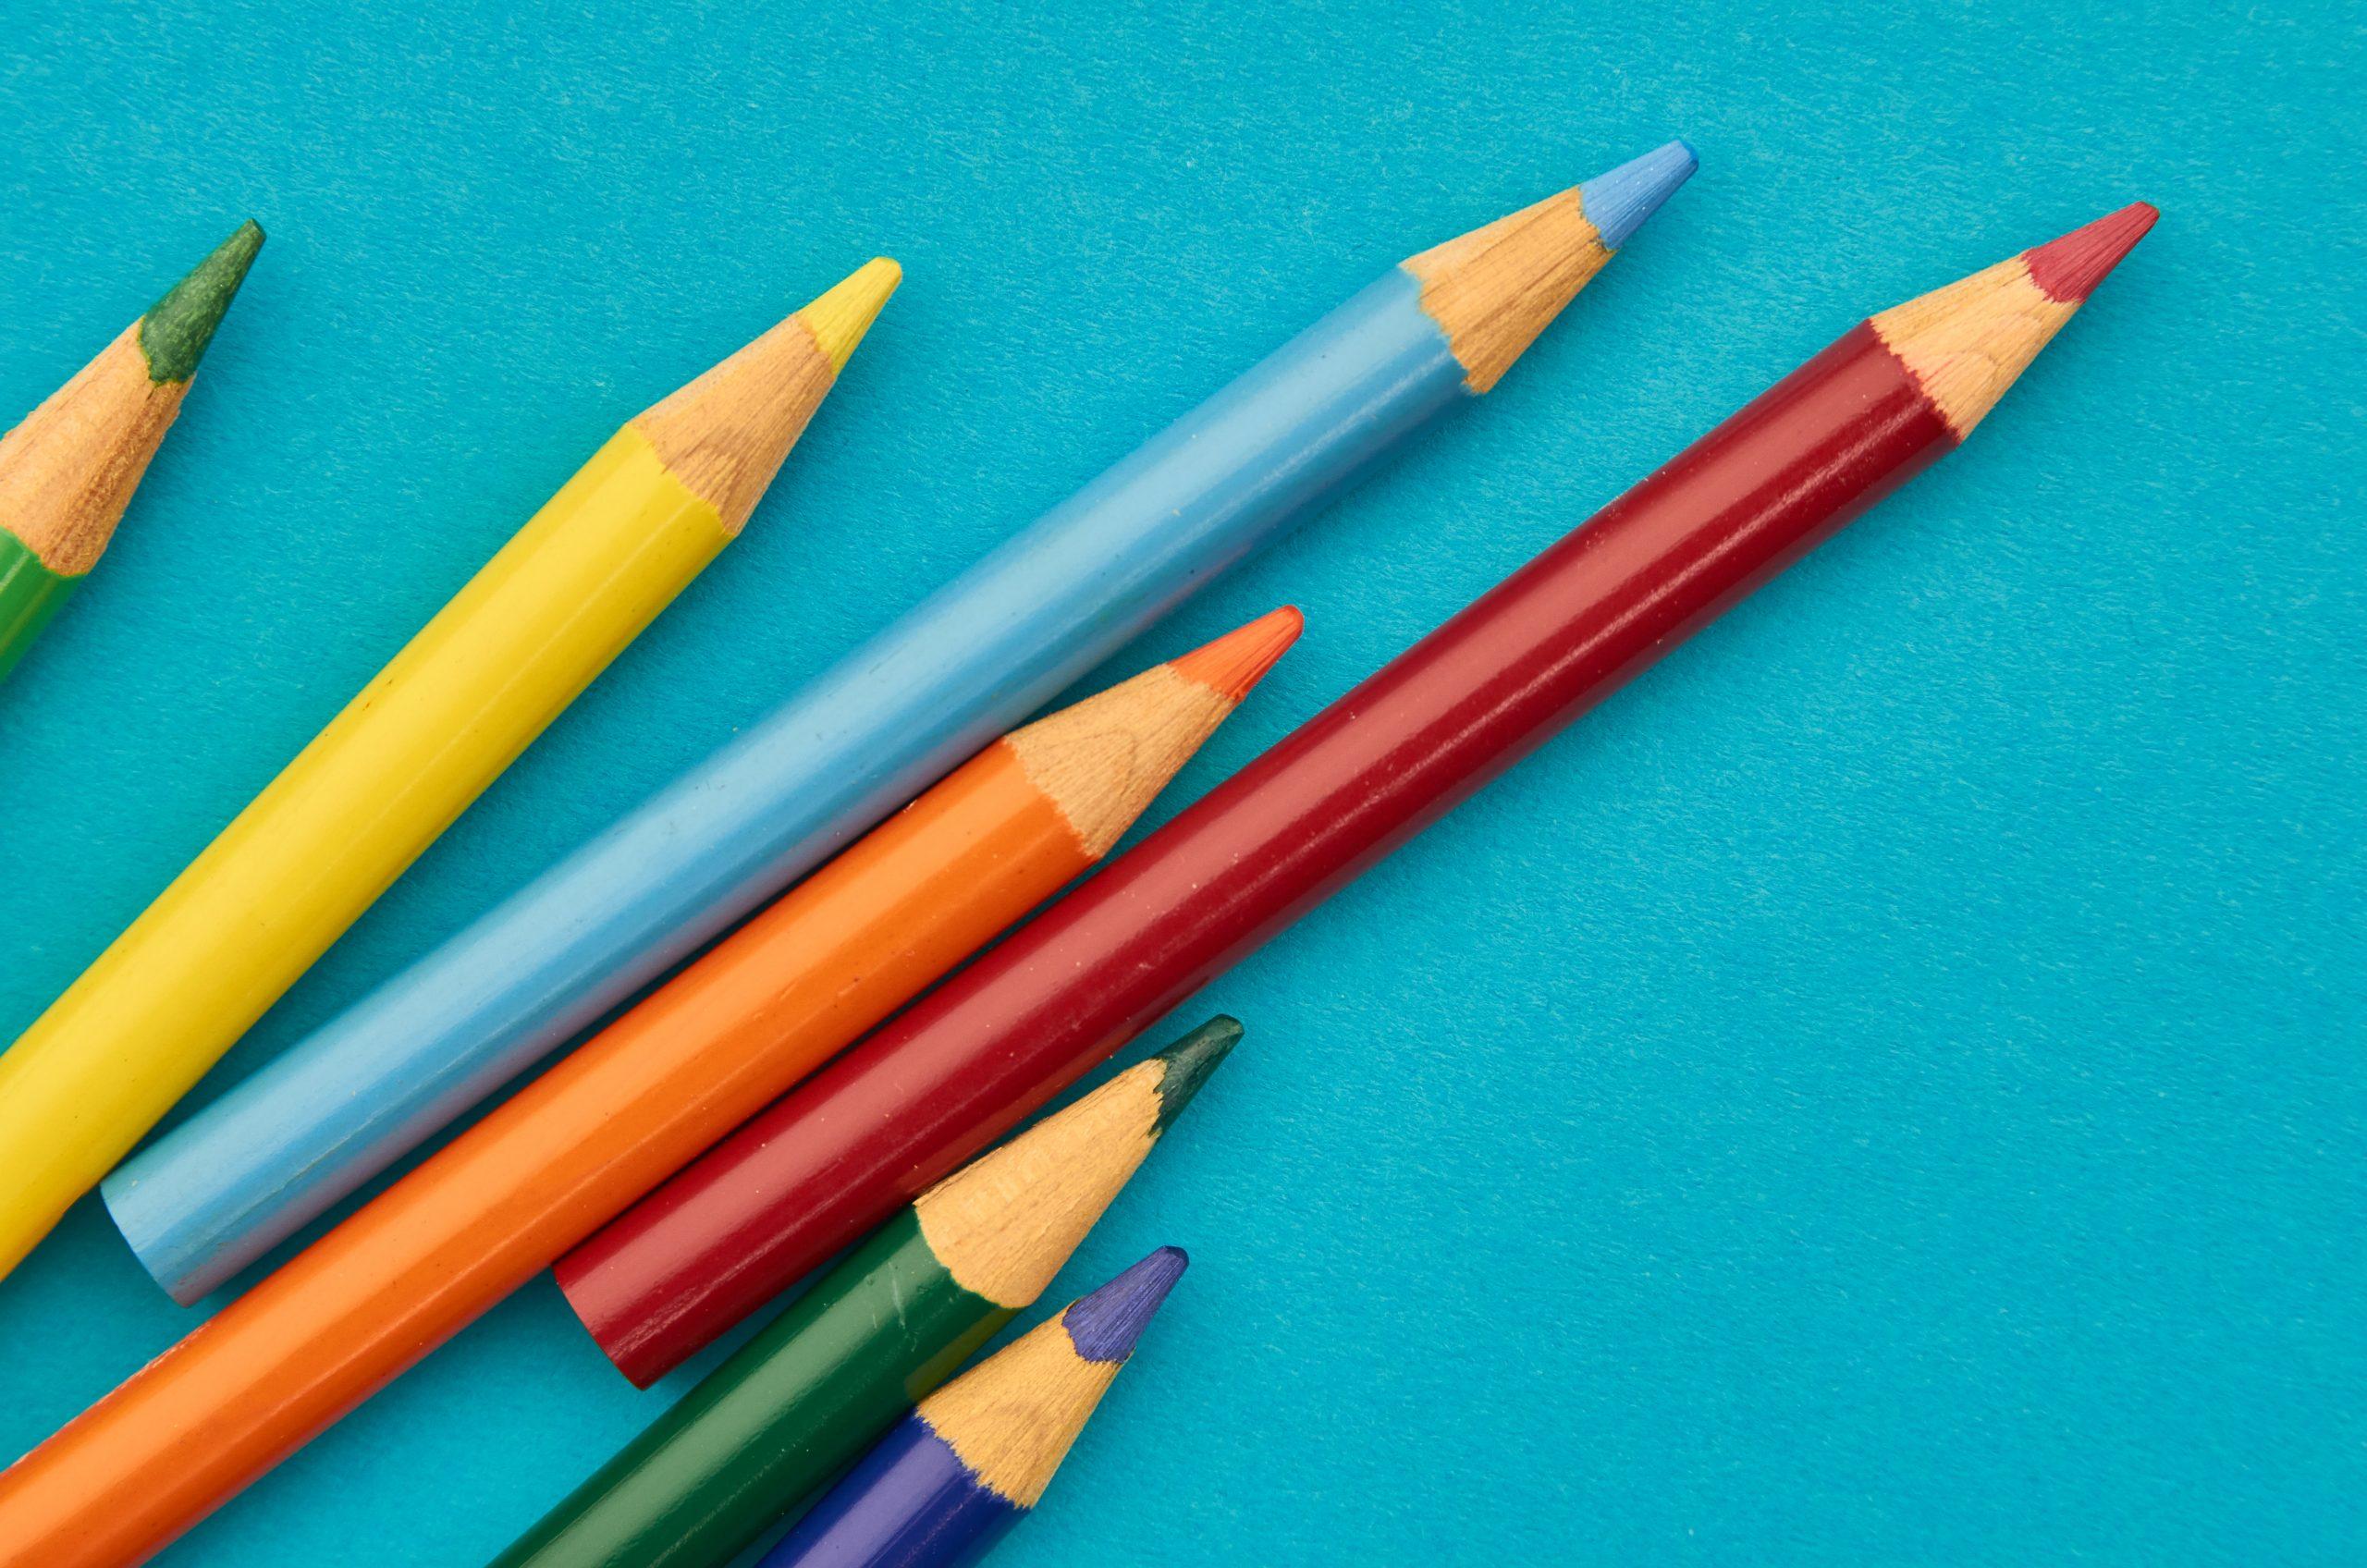 Des crayons de différentes couleurs sur un fond bleu turquoise